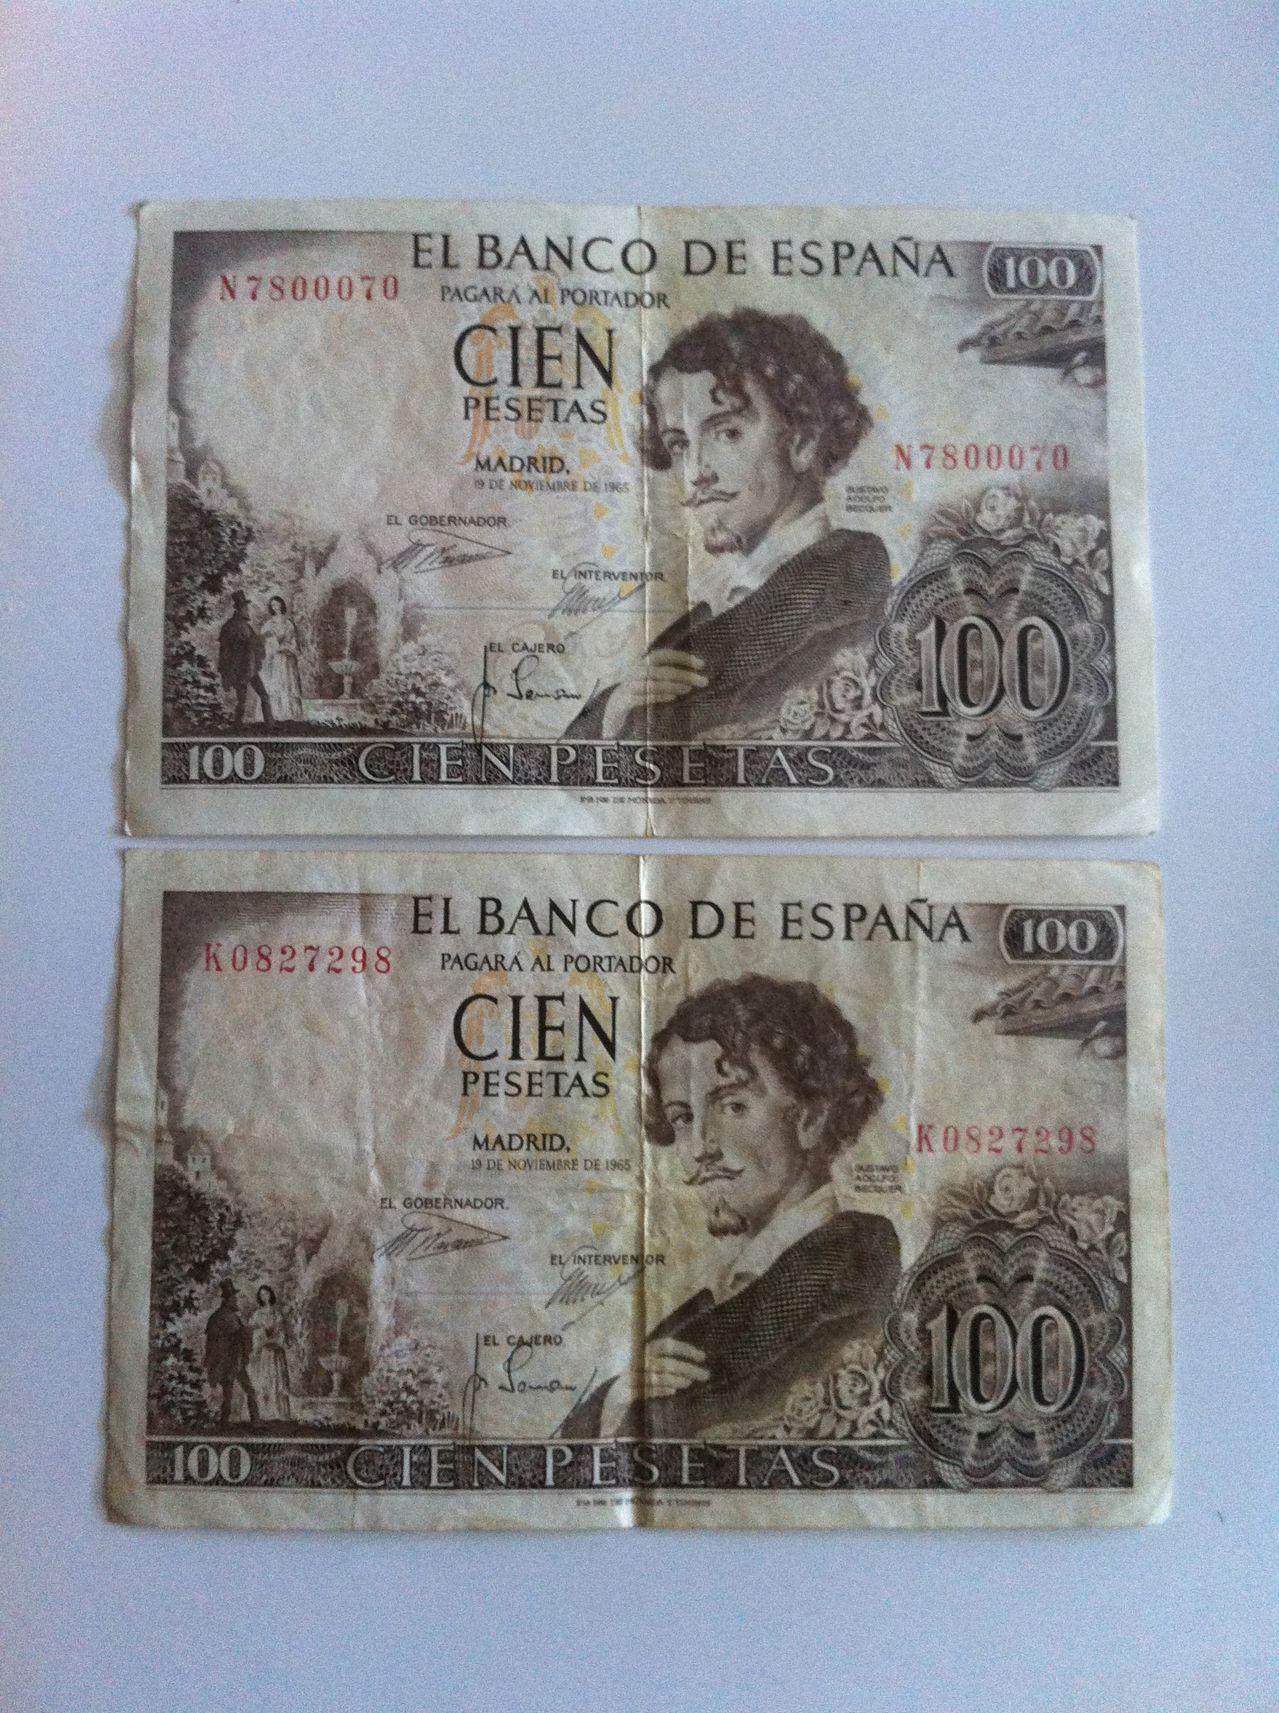 Ayuda para valorar coleccion de billetes IMG_5002